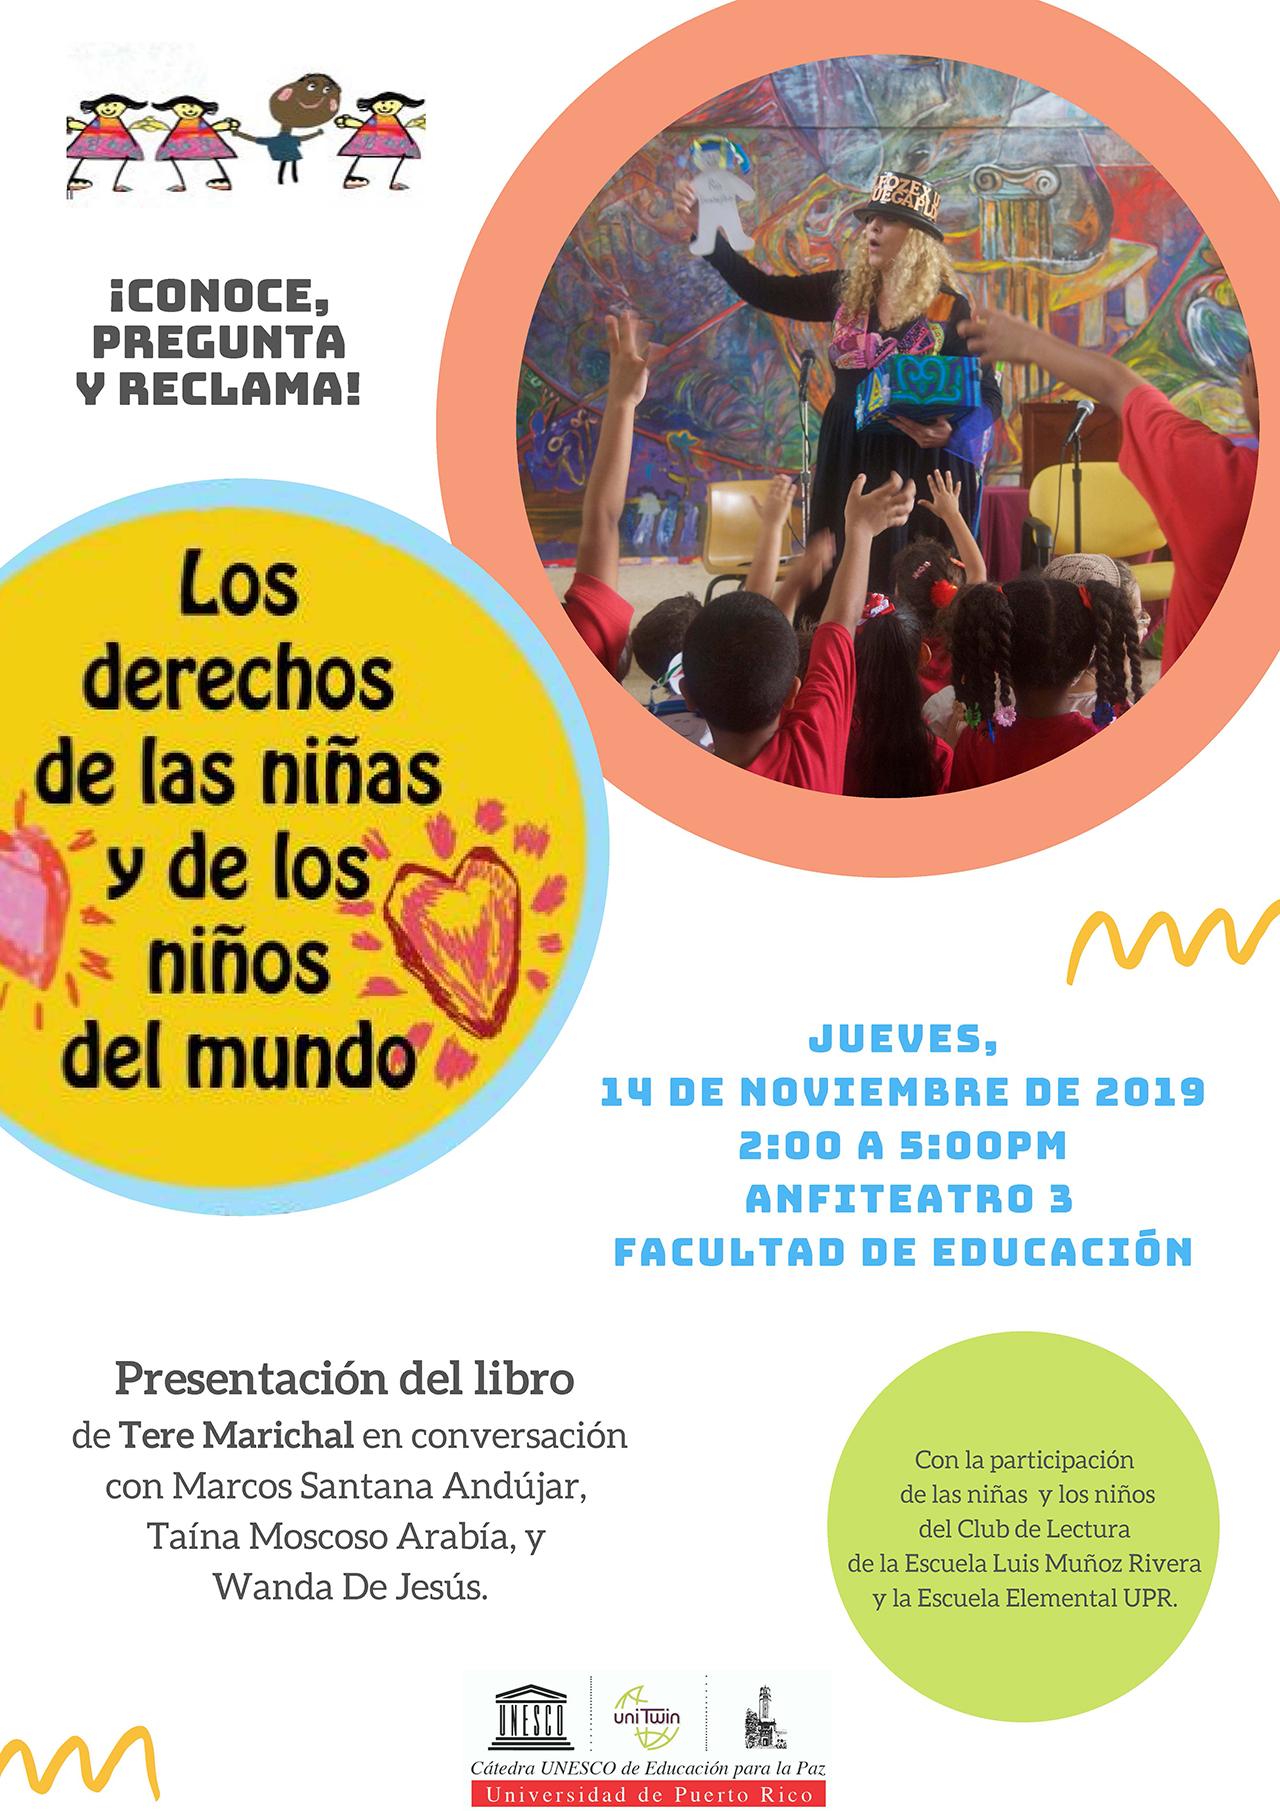 """Presentación libro: """"Los derechos de las niñas y los niños del mundo"""" @ Anfiteatro #3 Facultad de Educacion"""